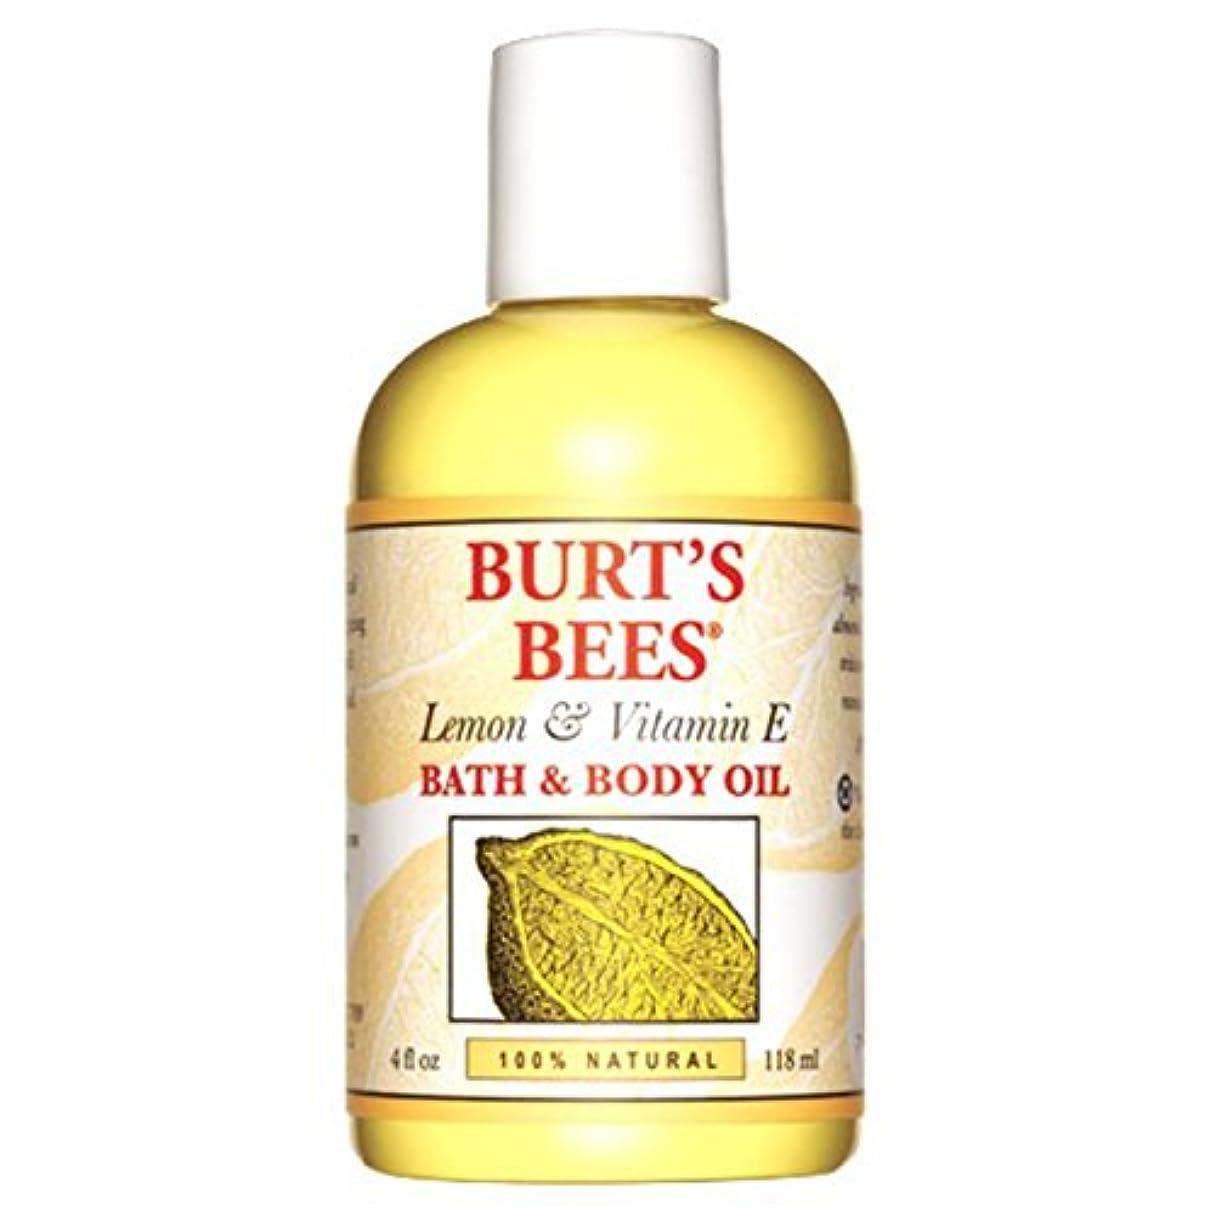 原理アーカイブシャープバーツビーズ (Burt's Bees) L&E バス&ボディオイル 118ml